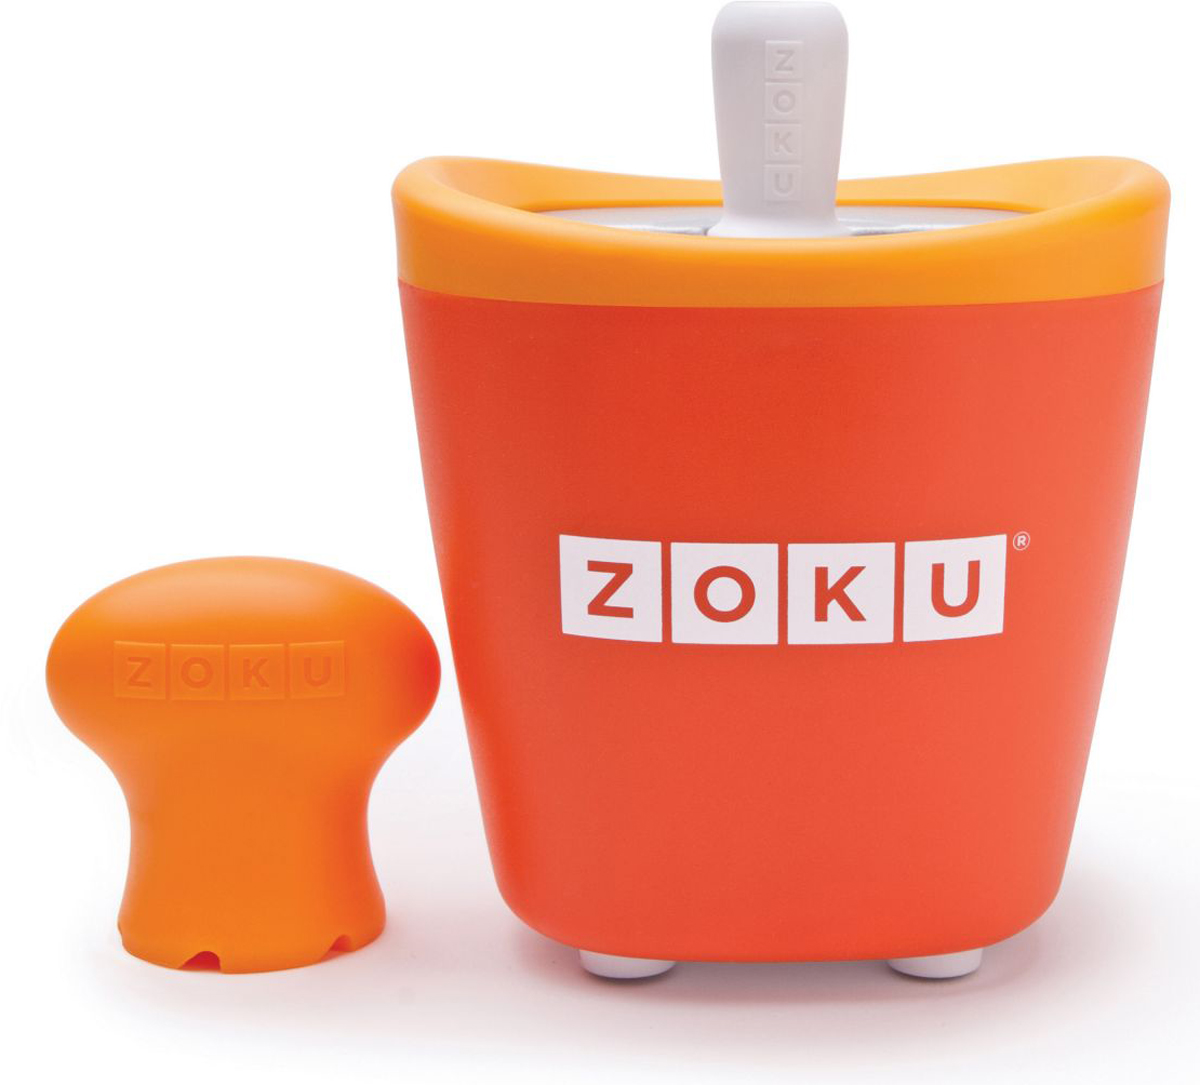 Набор для приготовления мороженого Zoku Single Quick Pop Maker, цвет: оранжевый, 60 мл. ZK110-ORZK110-ORС компактной и удобной формой Quick Pop Maker можно приготовить домашний фруктовый лед из полностью натуральных ингредиентов. В набор помимо формы для мороженого входят три палочки, а к ним три небольших поддона для капель и съемная насадка. Как использовать:1. Поместите пустую форму в морозильную камеру на 24 часа. Форма должна быть абсолютно сухой и располагаться вертикально.2. Через сутки вытащите форму из морозилки и вставьте в нее палочки. Залейте охлажденный сок в емкость до отметки. Через 7-10 минут фруктовый лед готов.3. Поместите съемную насадку на палочку и закрутите по часовой стрелке до упора. Когда ручка начнет свободно крутиться, смените направление и откручивайте против часовой стрелки, чтобы вытащить мороженое из формы.Объем одной емкости - 60 мл. Форма не содержит вредных примесей и бисфенола-А. Устройство работает без электричества и позволяет приготовить до 3 порций от одной заморозки. Моется вручную. Не используйте простую и газированную воду или полностью пресные напитки без сахара в приборе Quick Pop. В результате использования воды или напитков без сахара будет крайне тяжело достать продукт из прибора, а также можно повредить насадку или палочку.